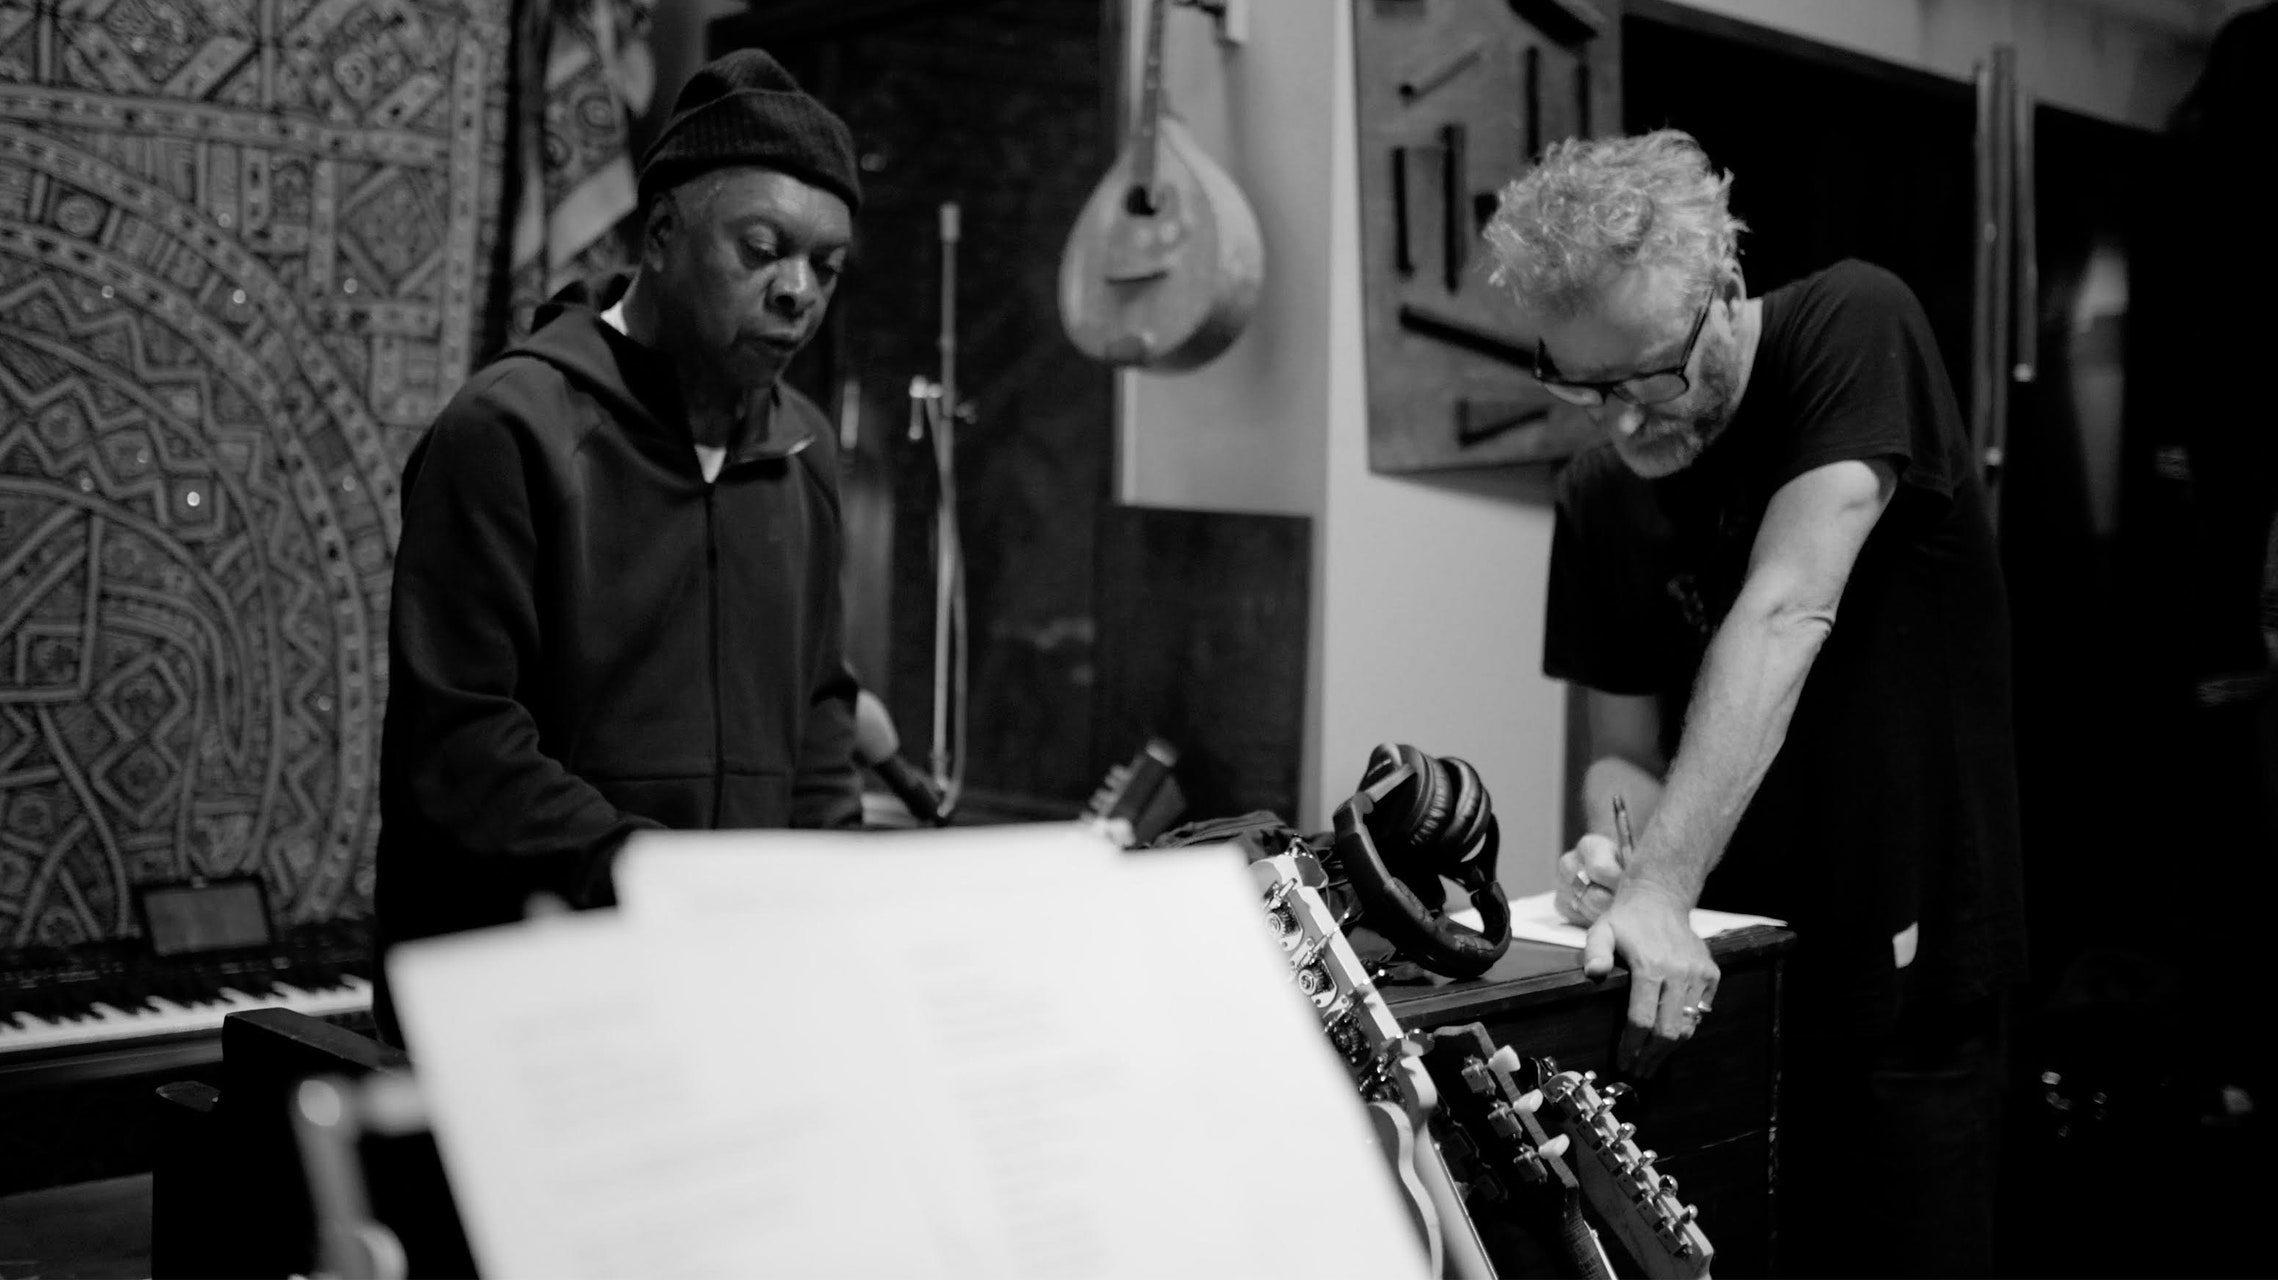 The National's Matt Berninger Shares New Song From Debut Solo Album: Listen